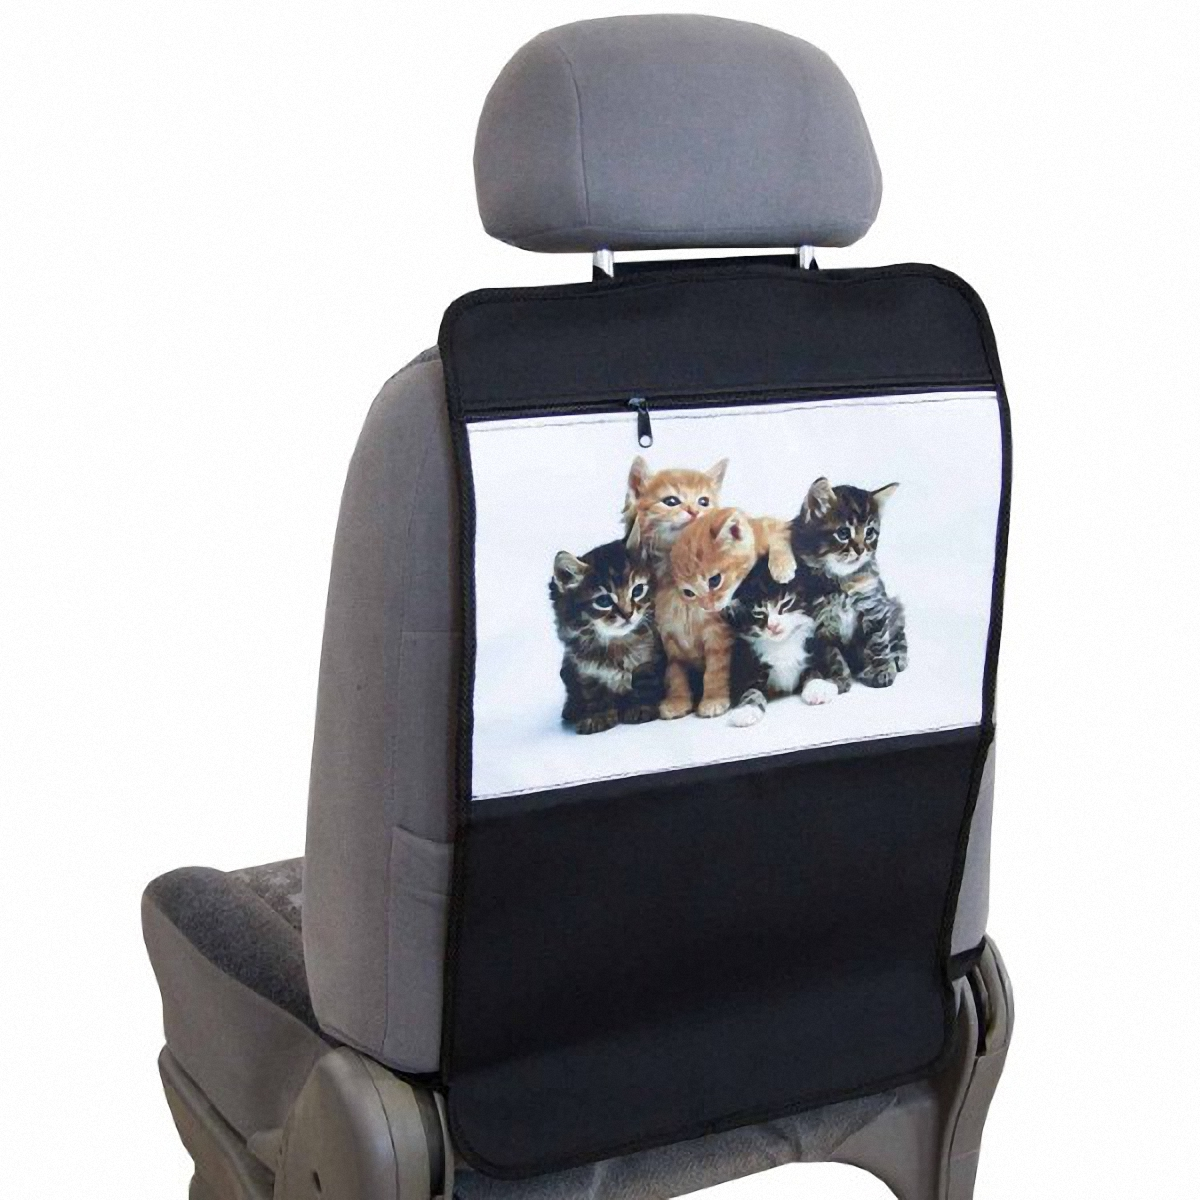 Накидка-органайзер защитная Skyway Котята, на спинку сидения, 37 х 55 см. S06101004S06101004Защитная накидка-органайзер Skyway Котята изготовлена изиз материалов, отличающихся высокими эксплуатационными характеристиками, благодаря чему в течение длительного времени сохраняют презентабельный внешний вид. Ткань накидки устойчива к механическому воздействию, а также является достаточно прочной и плотной для того, чтобы не пропустить жидкости и другие источники загрязнений к обивке сидений. А рисунок в виде котят порадует вашего ребенка.Размер изделия: 37 х 55 см.